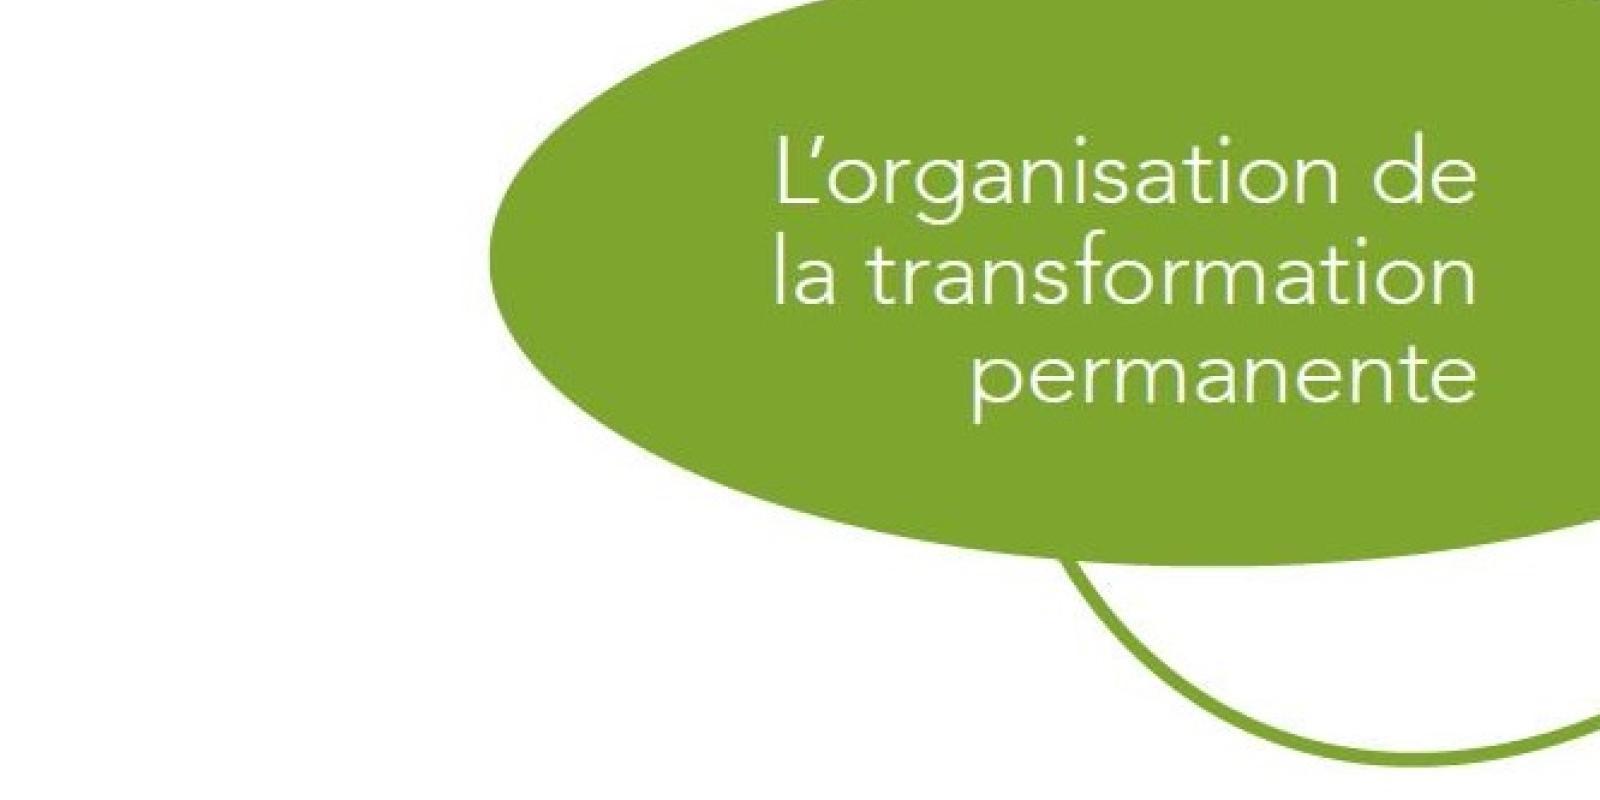 Où en sont les grandes entreprises en matière de management de la transformation ?